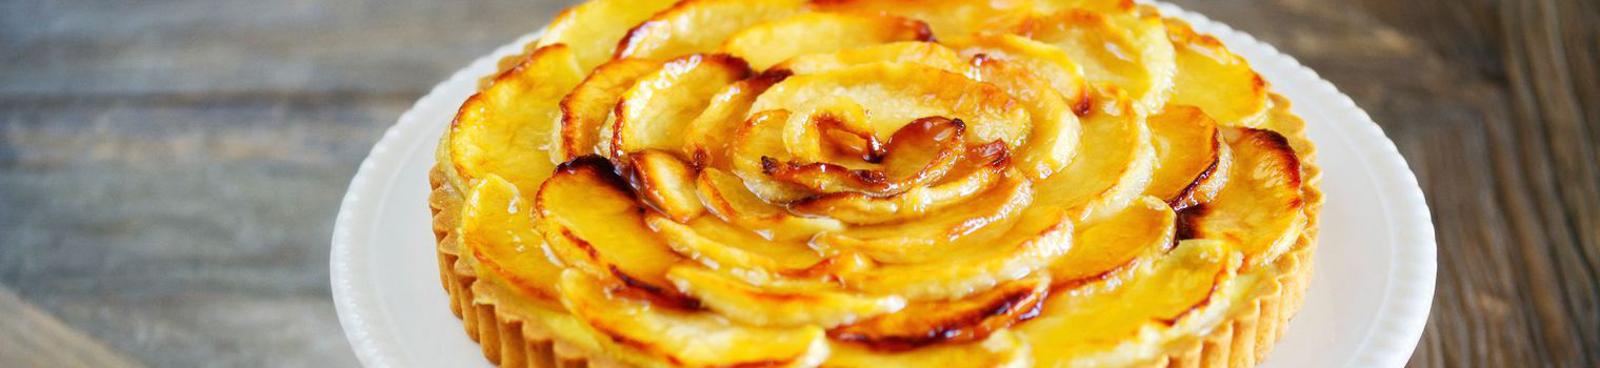 tarte aux pommes cours de cuisine